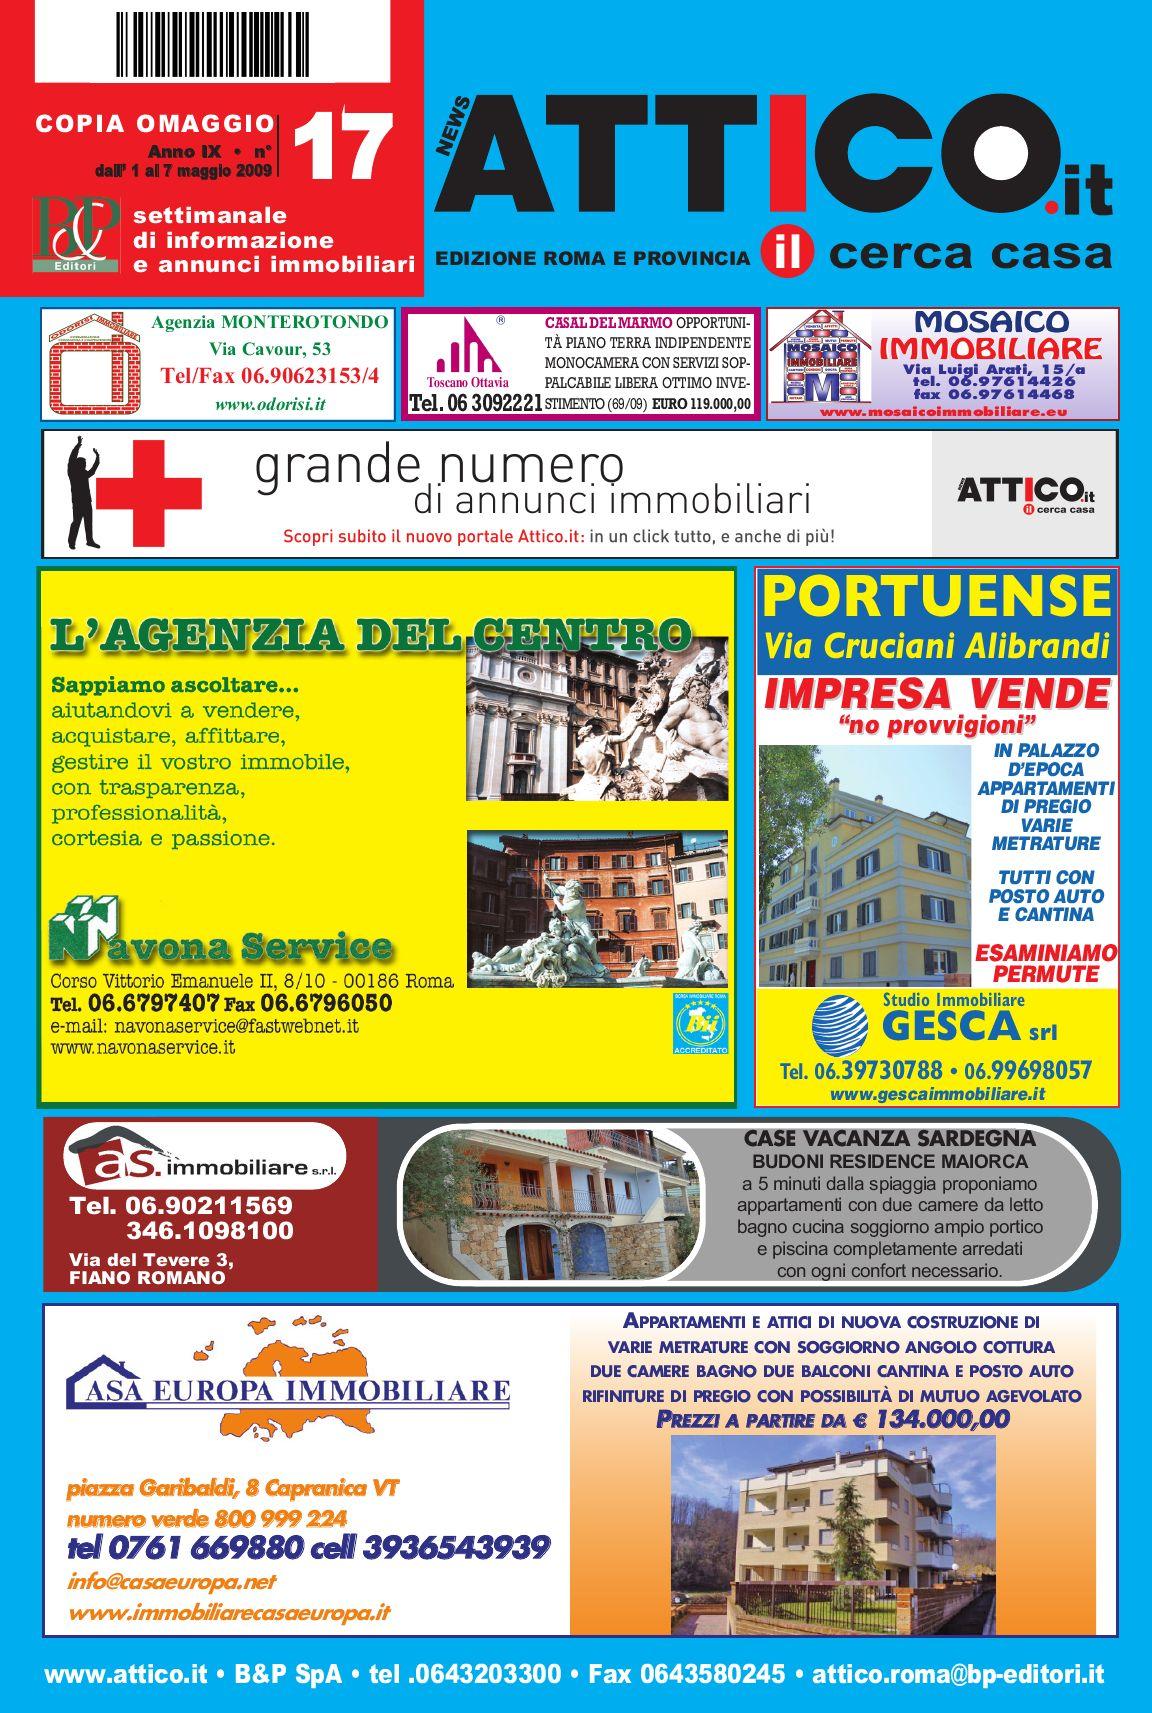 Attico roma ovest by b p editori issuu for Avvolgere completamente intorno case di log portico